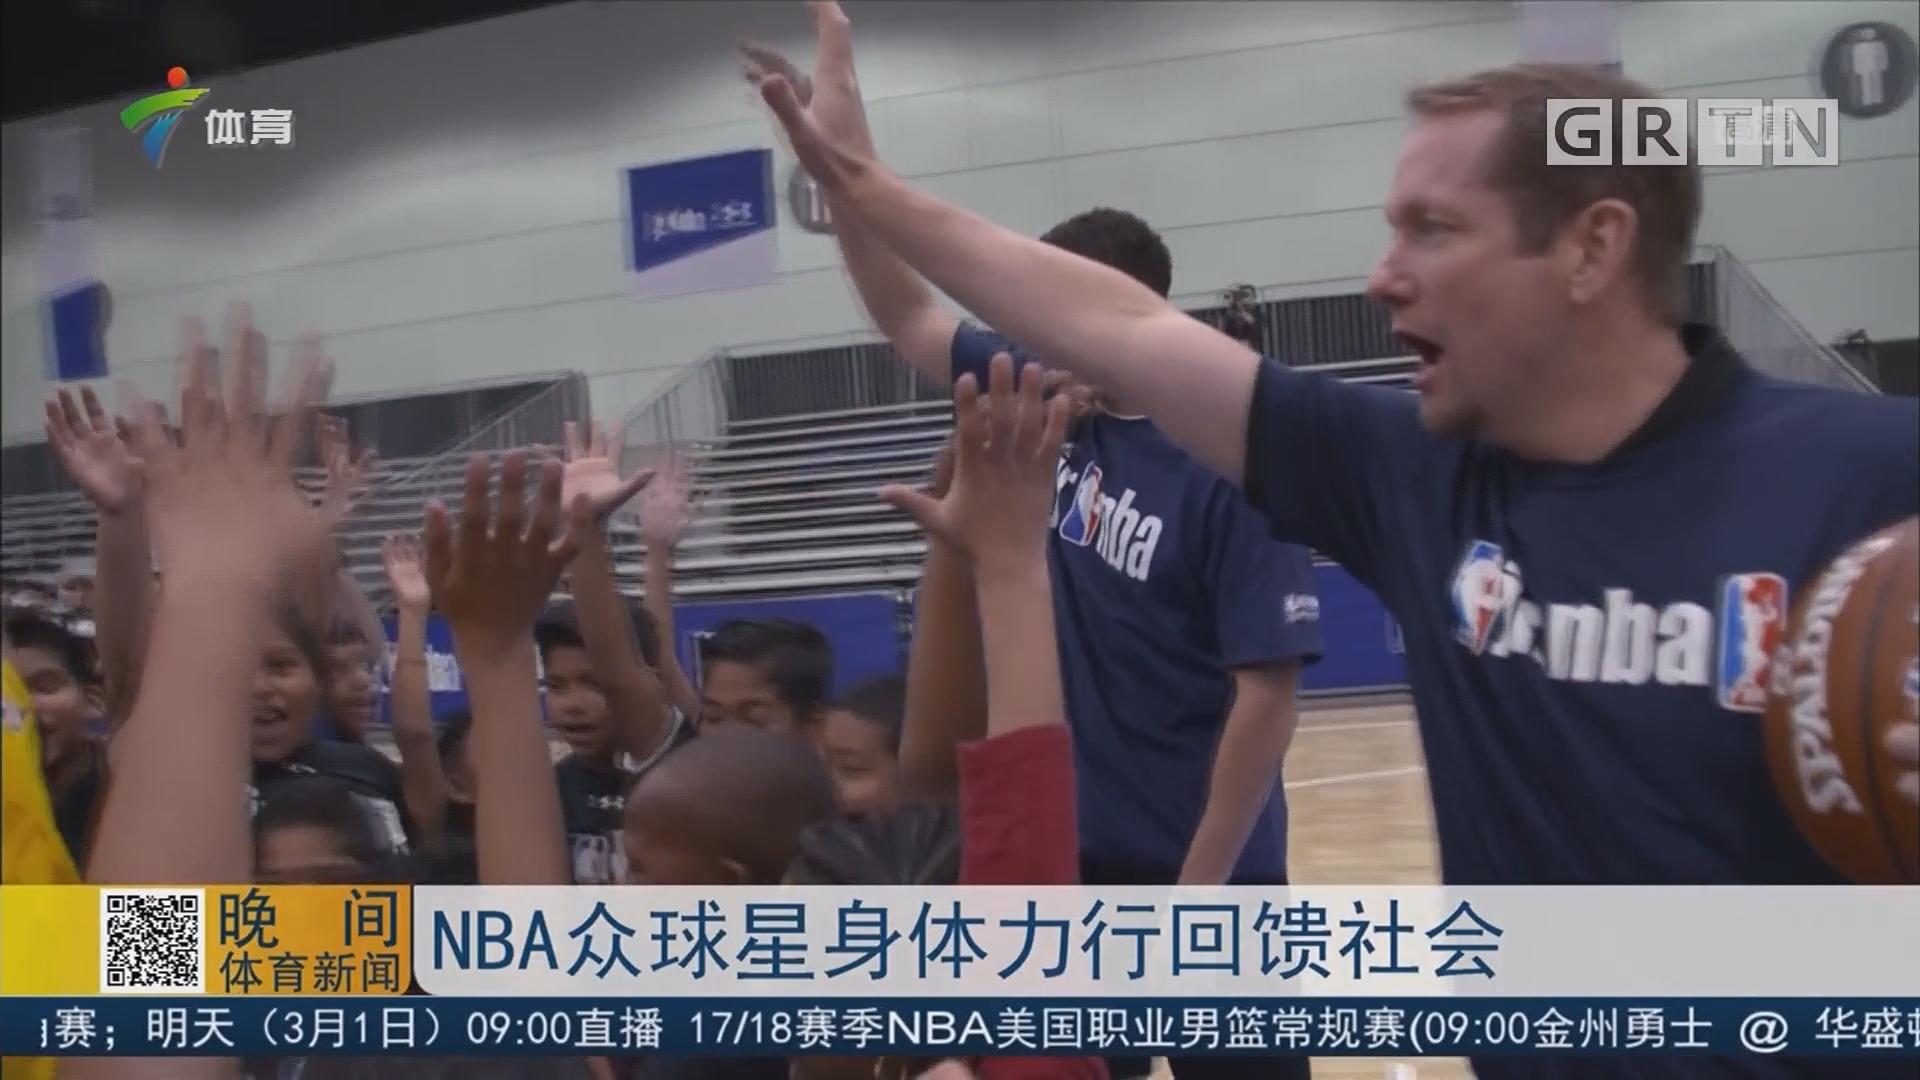 NBA众球星身体力行回馈社会